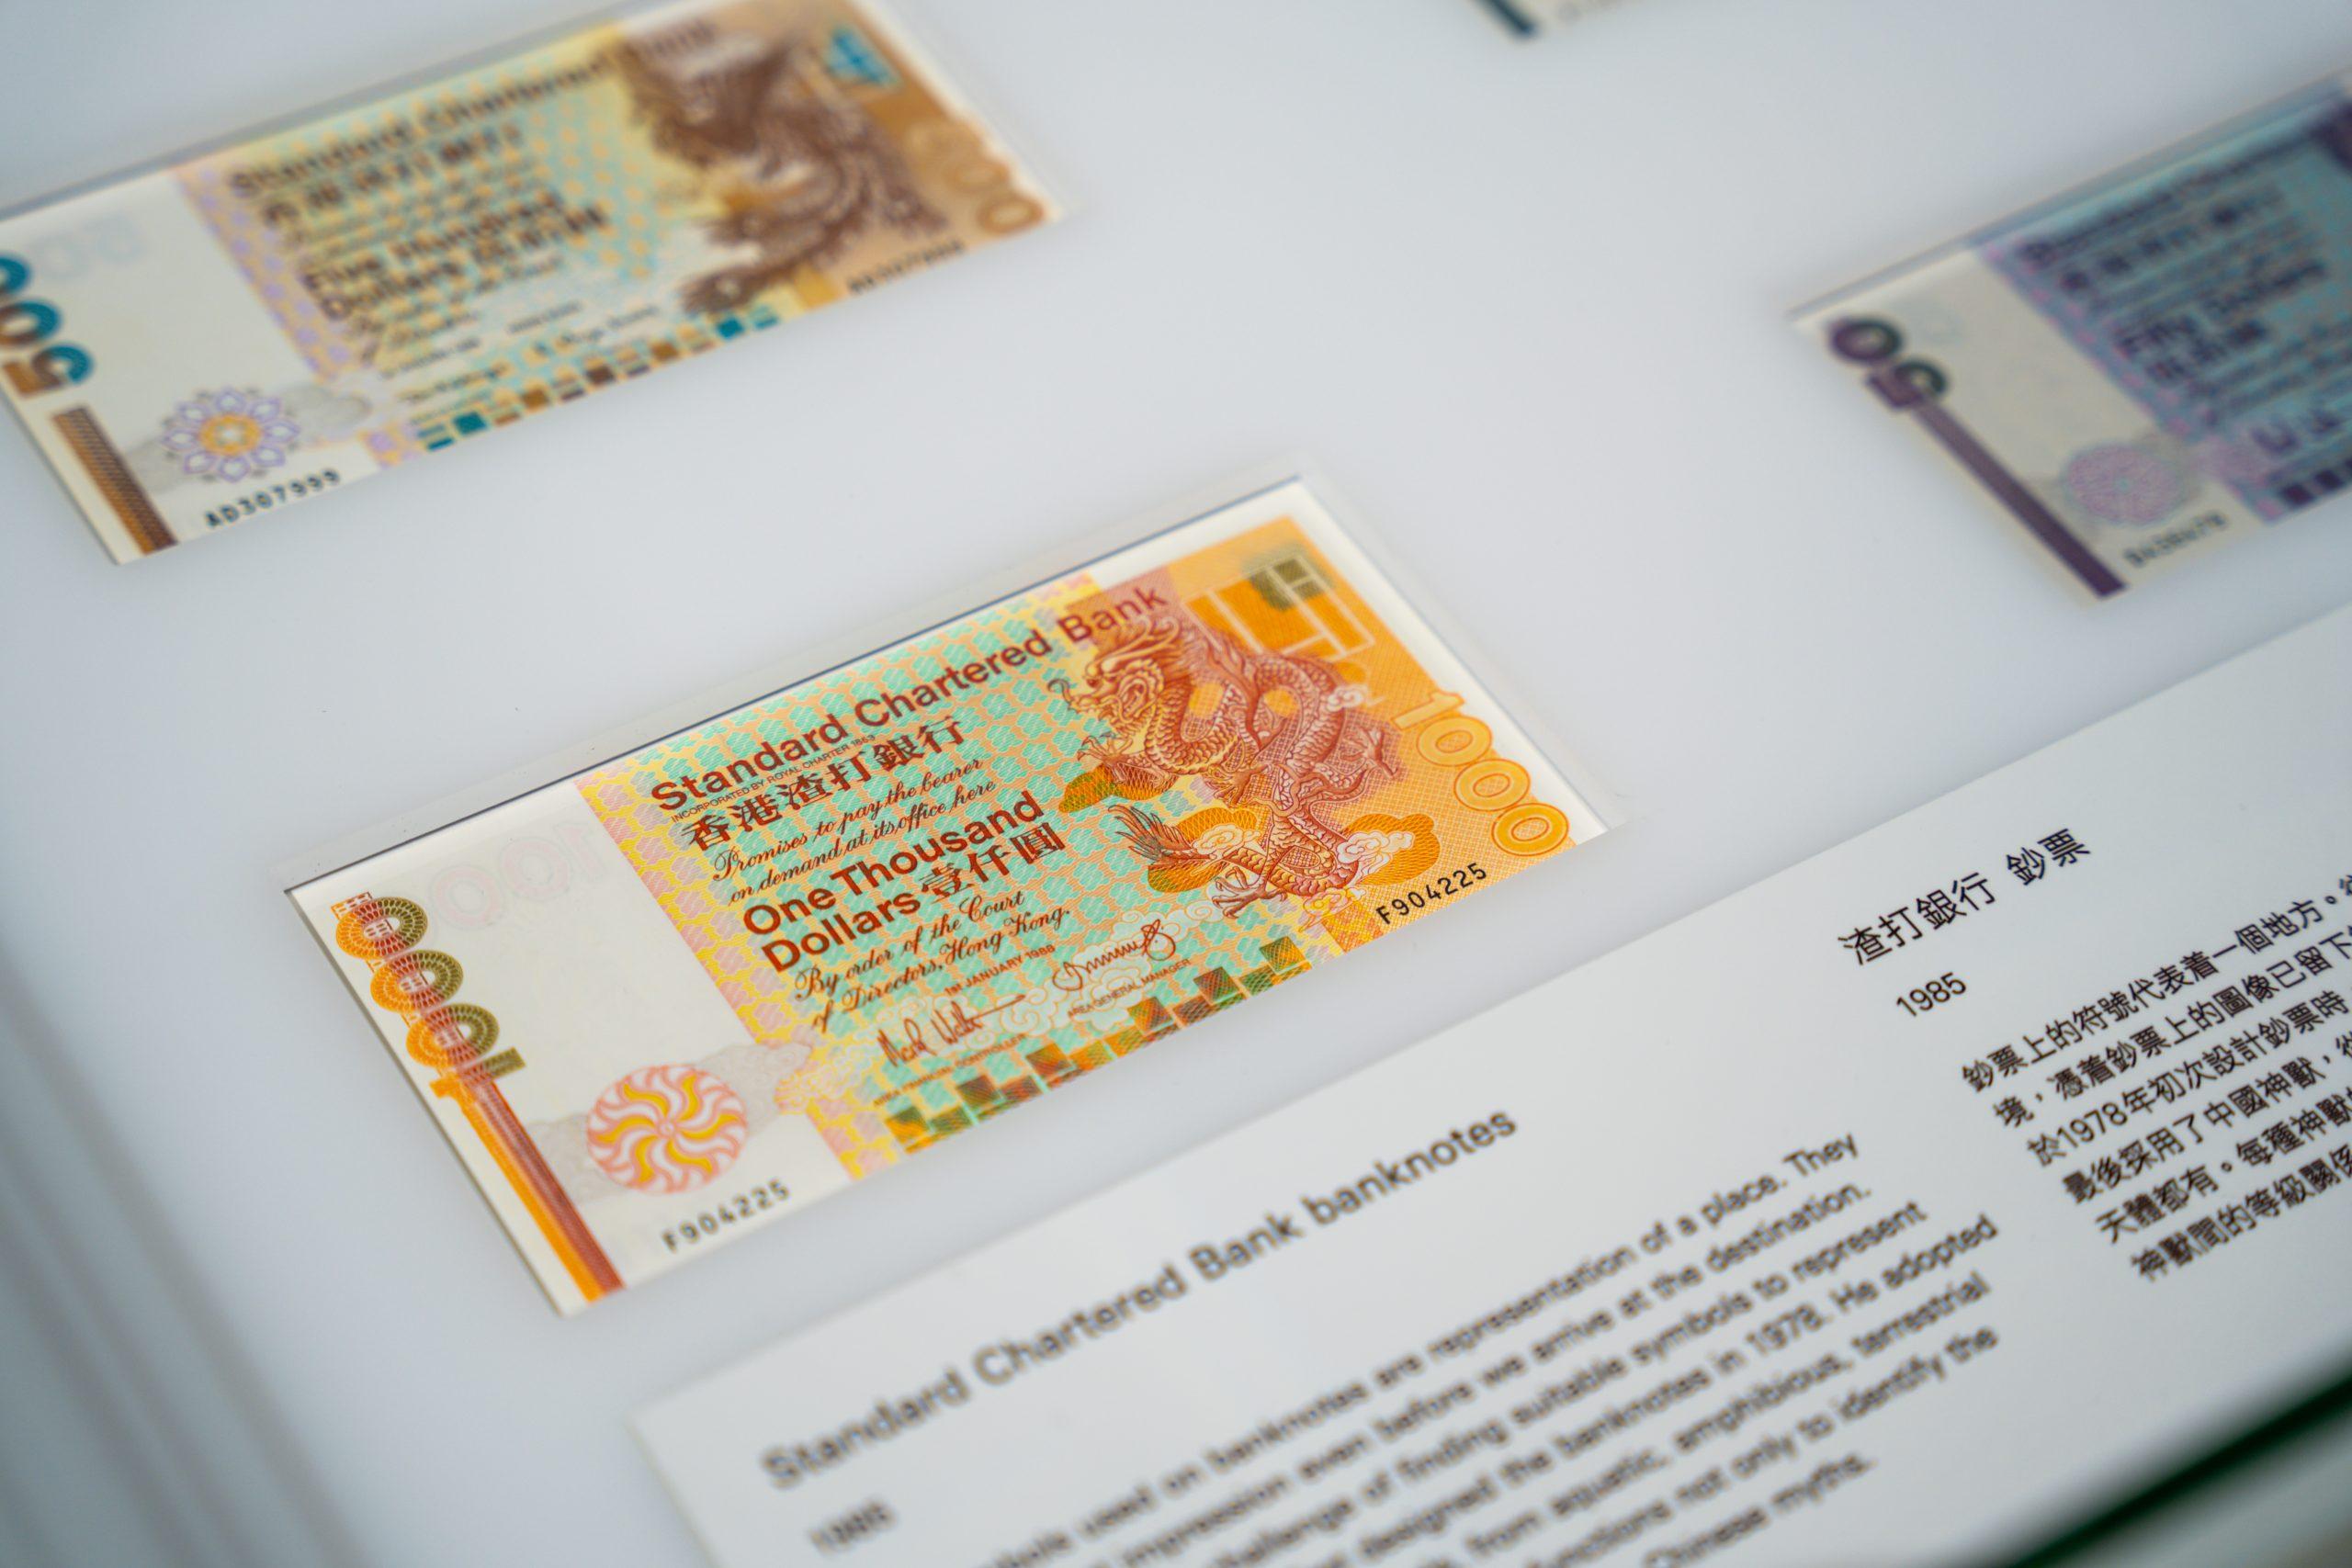 老香港設計展覽 石漢瑞 渣打銀行舊鈔 飛龍